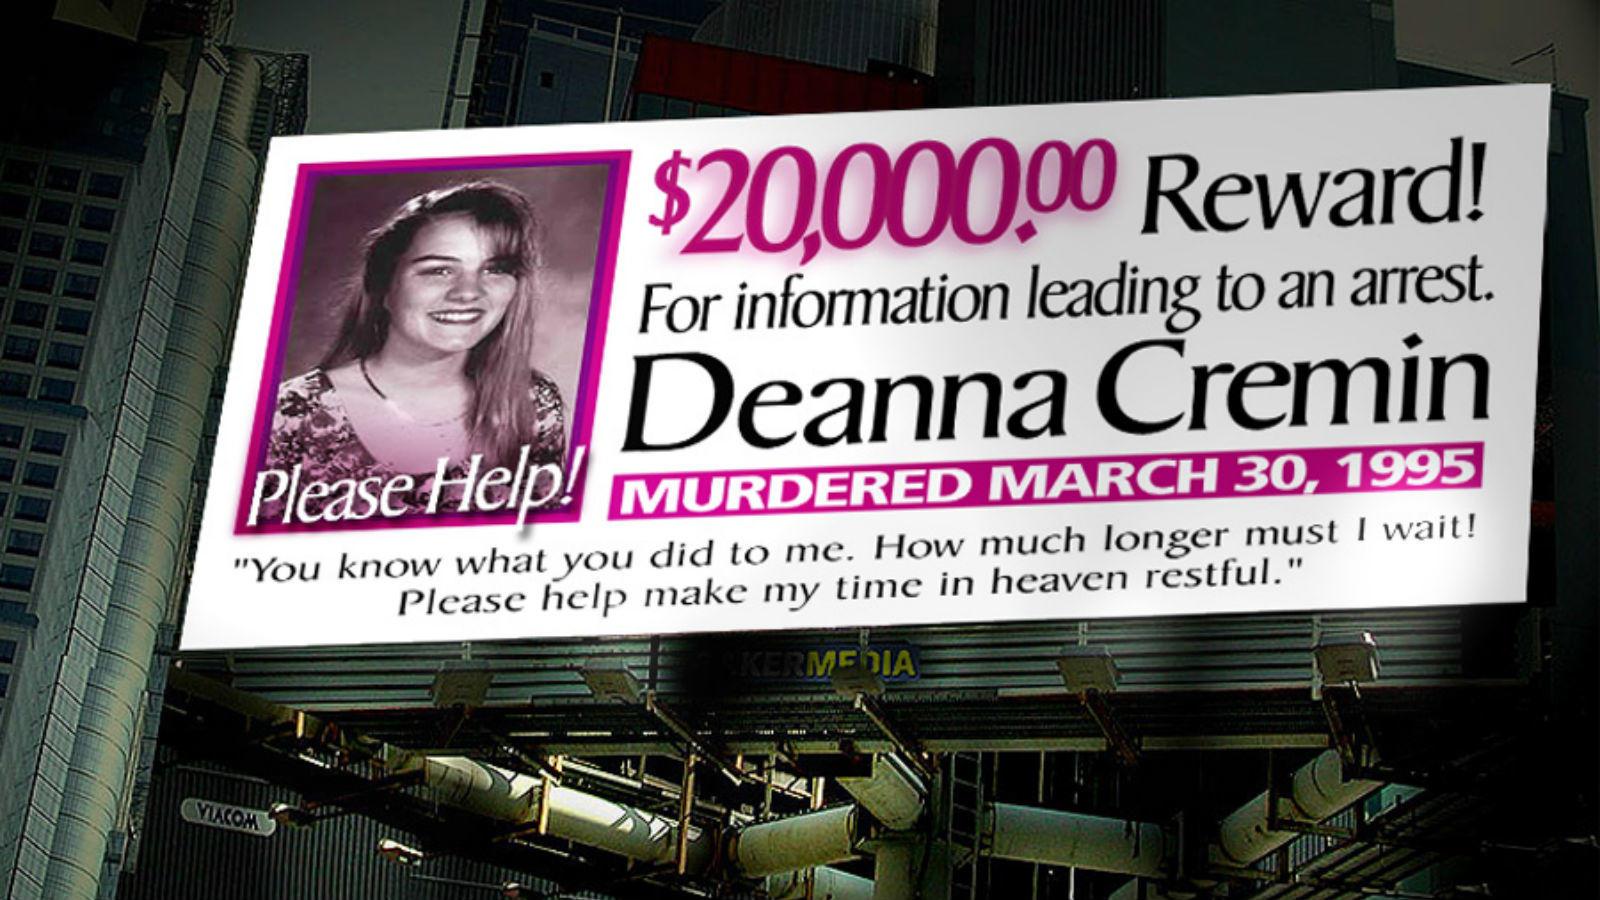 A 17 éves Deanna Cremint nem sokkal a születésnapja után fojtották meg, holttestét a lakásához közel találták meg. A barátját és két másik férfit vádoltak a gyilkossággal, de sosem emeltek vádat ellenük. Az esetet azóta sem oldották meg, pedig időközben újabb bizonyítékokra akadt a rendőrség. (Wikipedia)